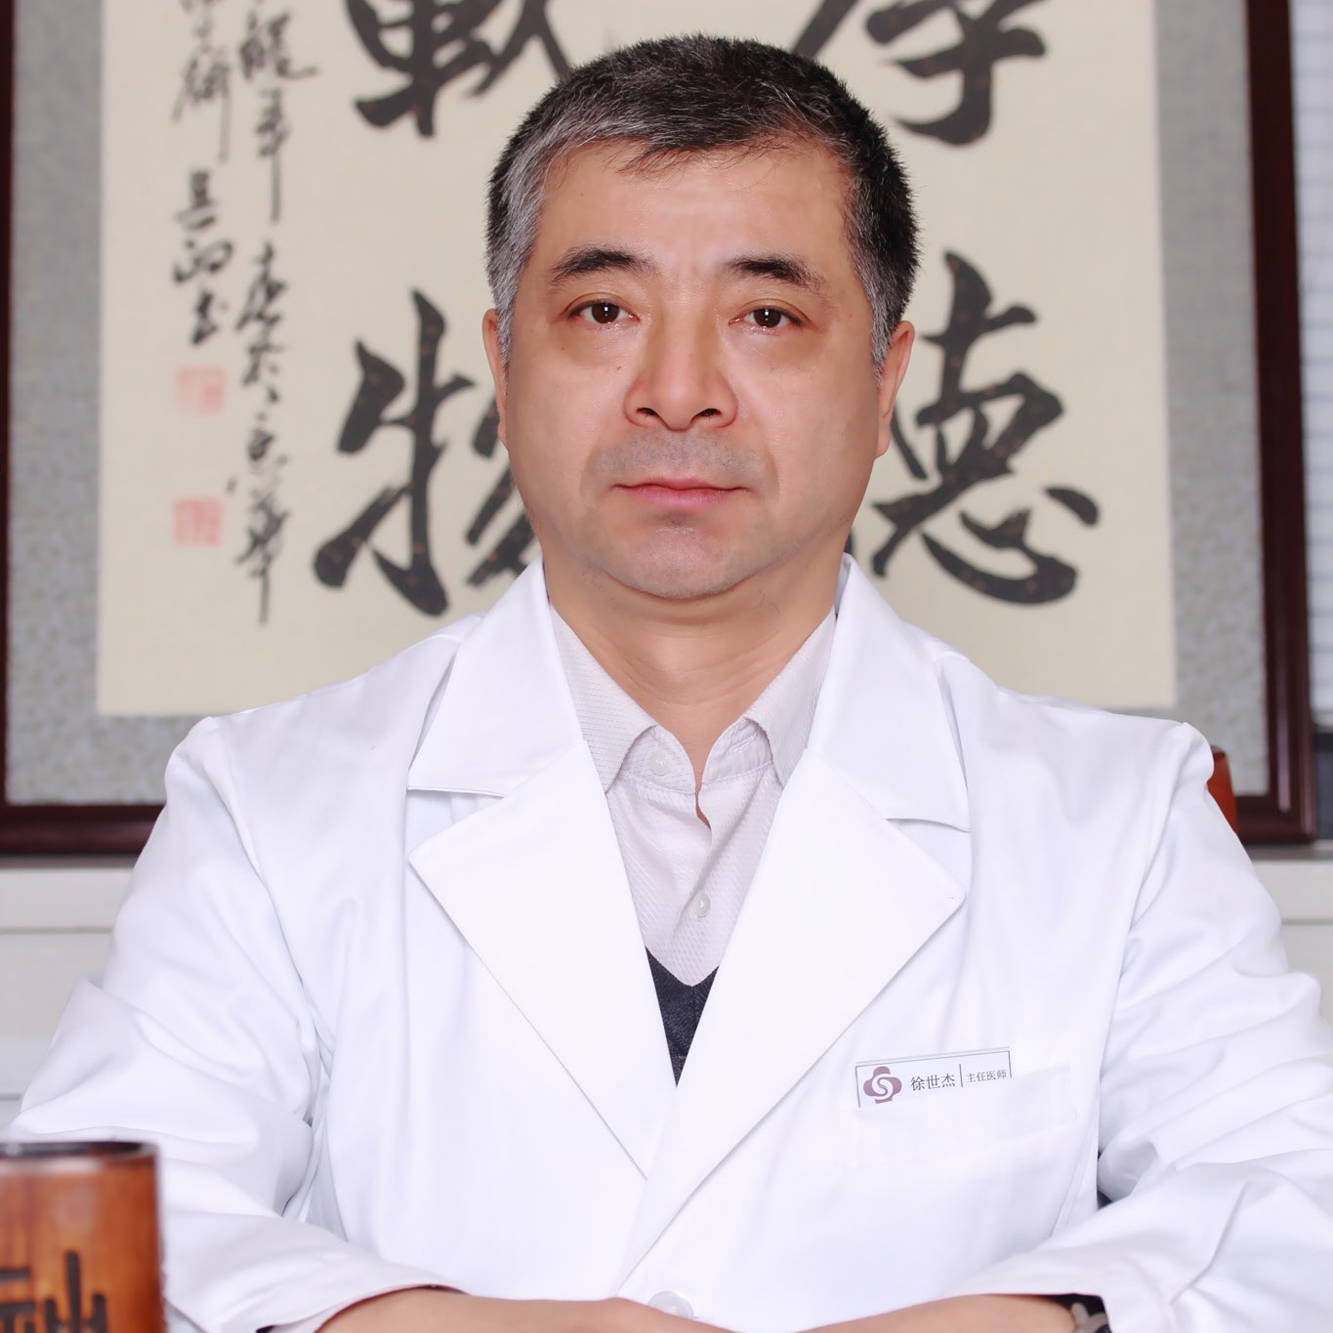 Сюй Ши Цзе